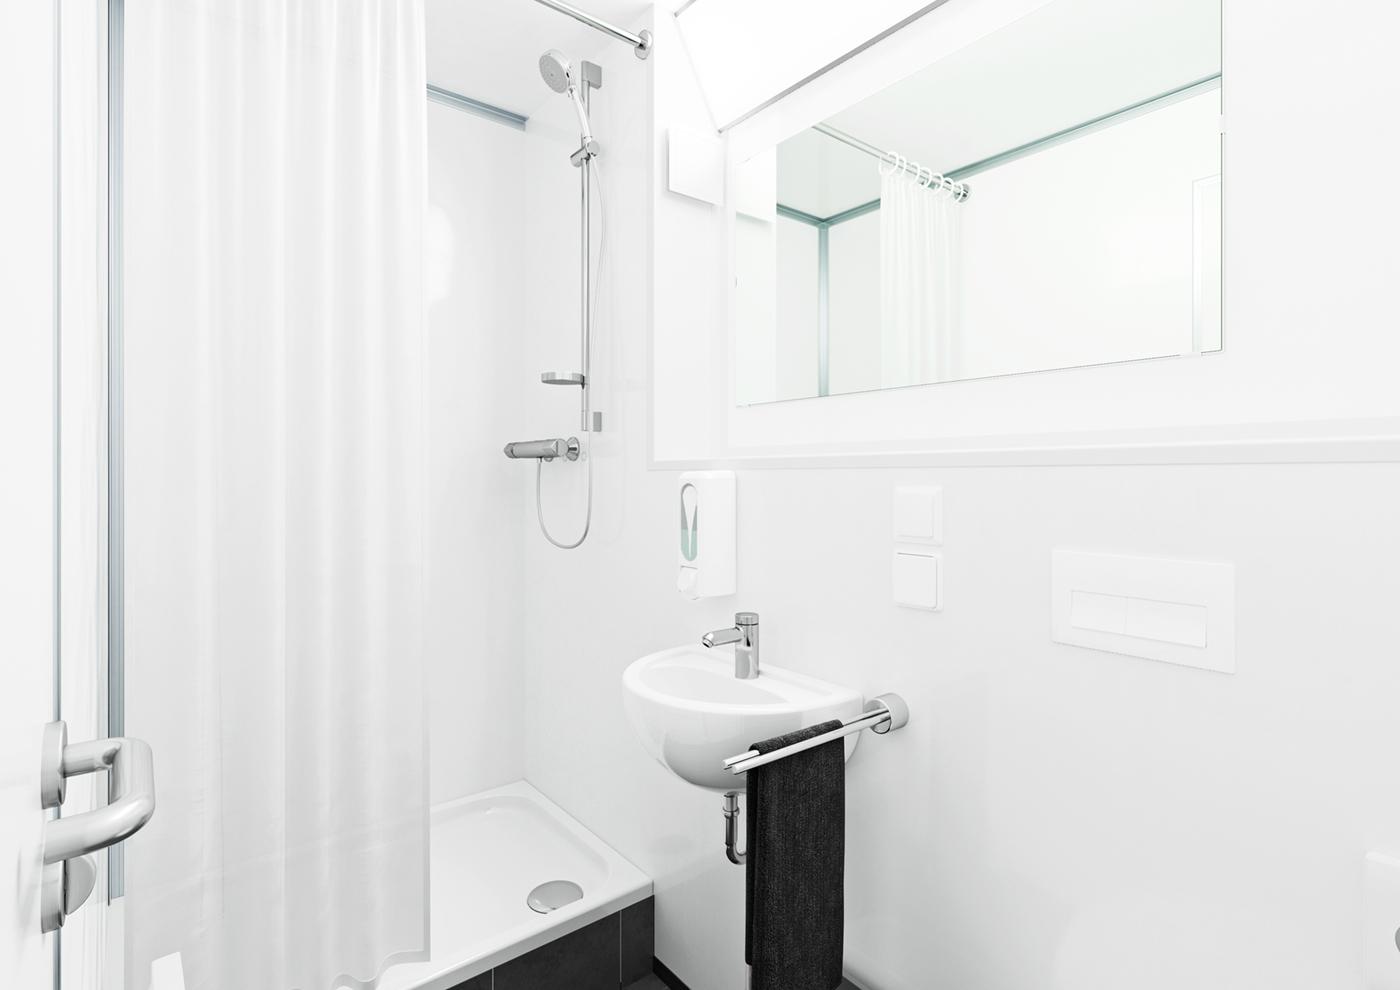 Mobiles Badezimmer | Mobiles Badezimmer Das Mini Bad Von Toi Toi Dixi Toi Toi Dixi